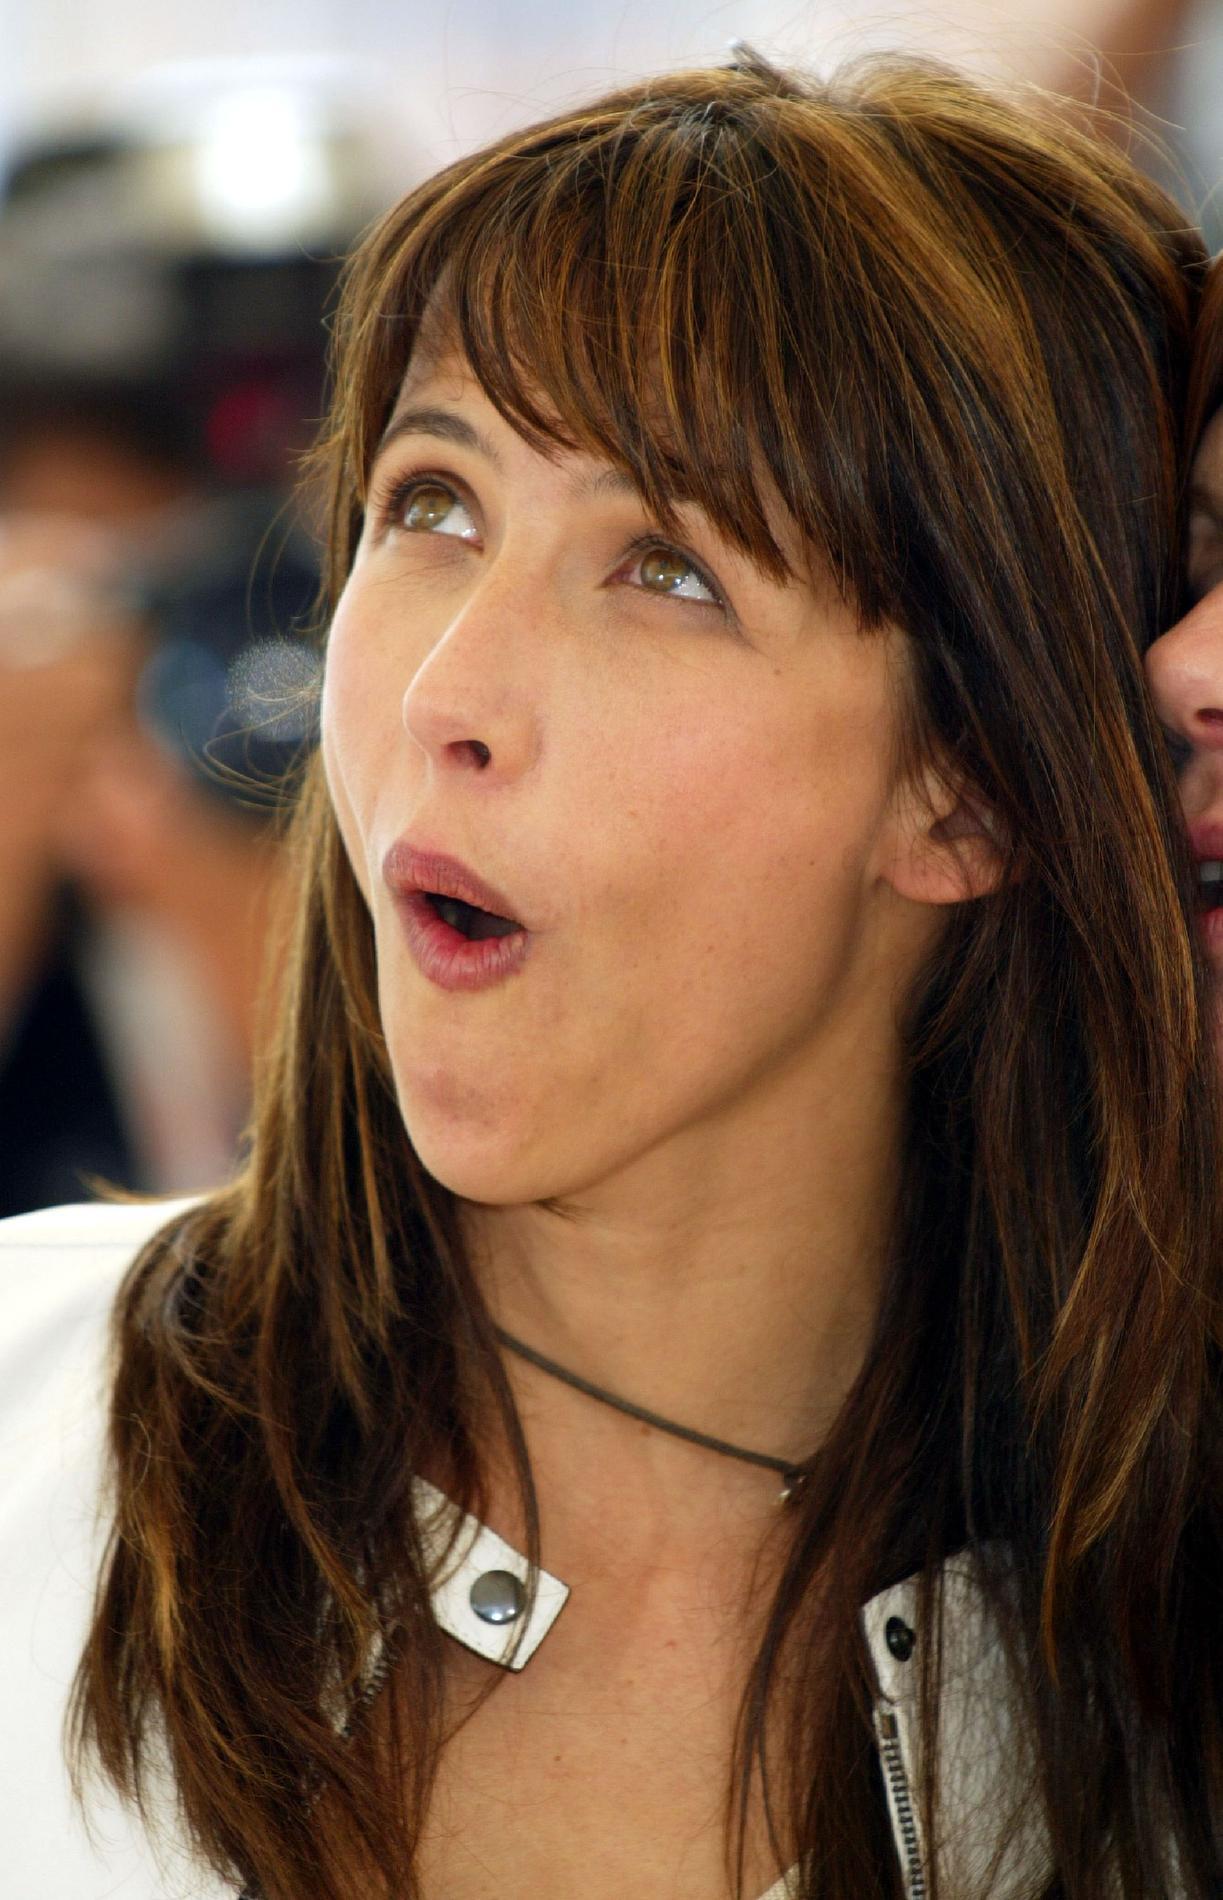 Sophie marceau hilarante dans sa parodie de la pub j for Les bois flottes de sophie